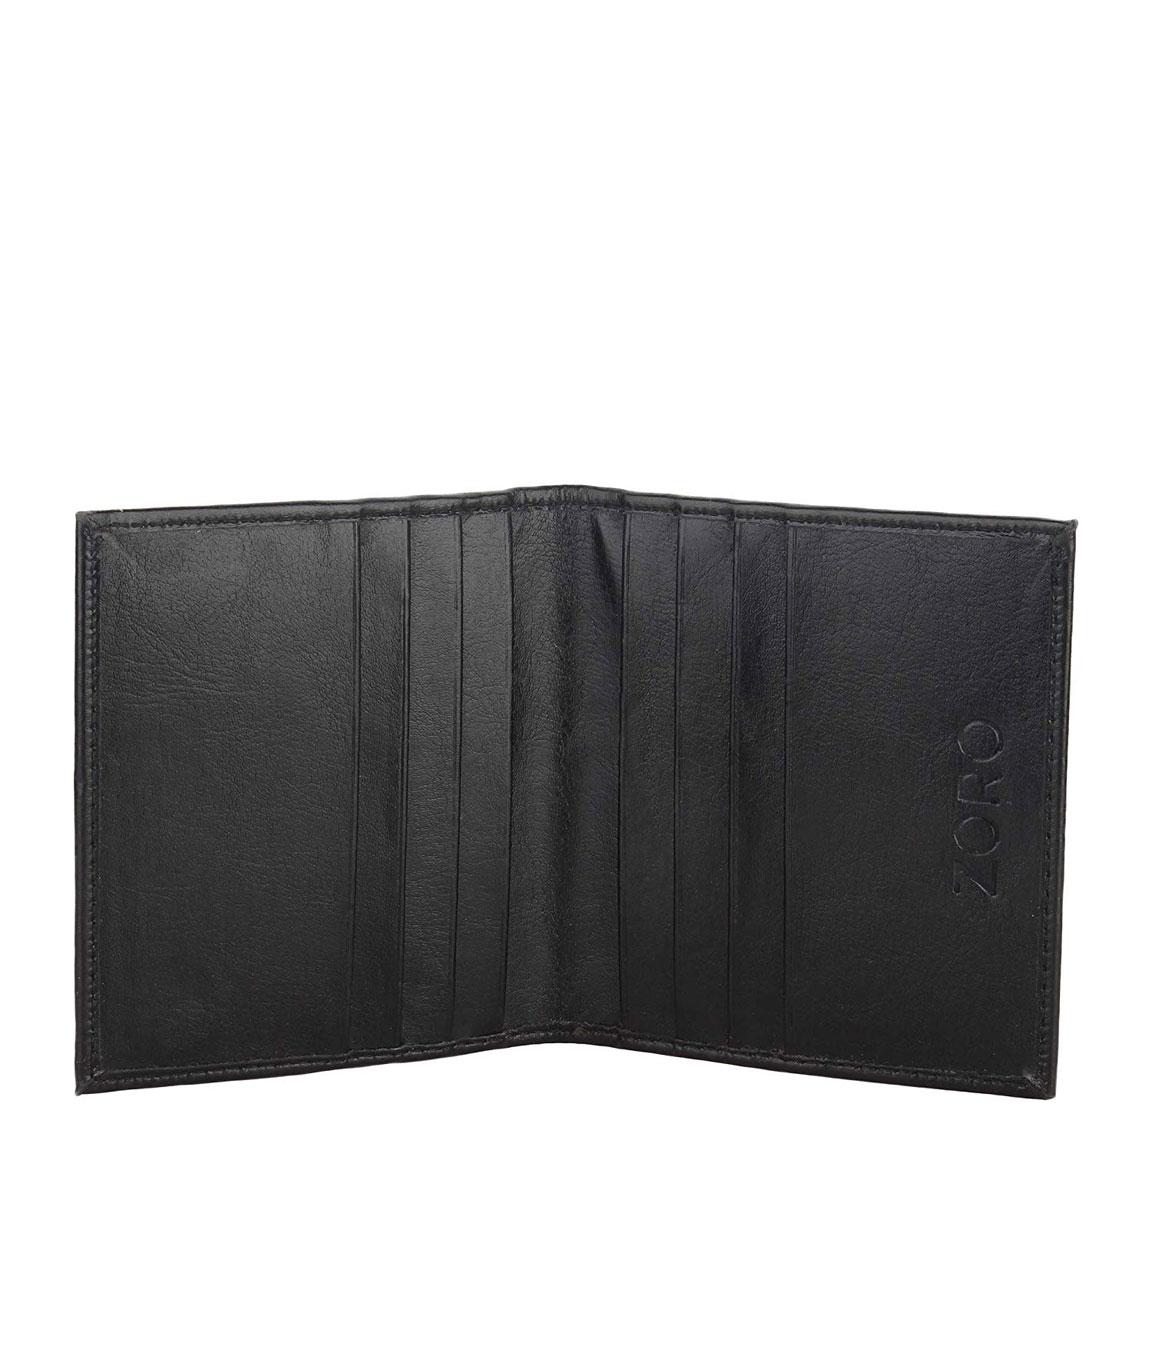 ZORO PU Leather Black Men`s Card Wallet, Purse 32K